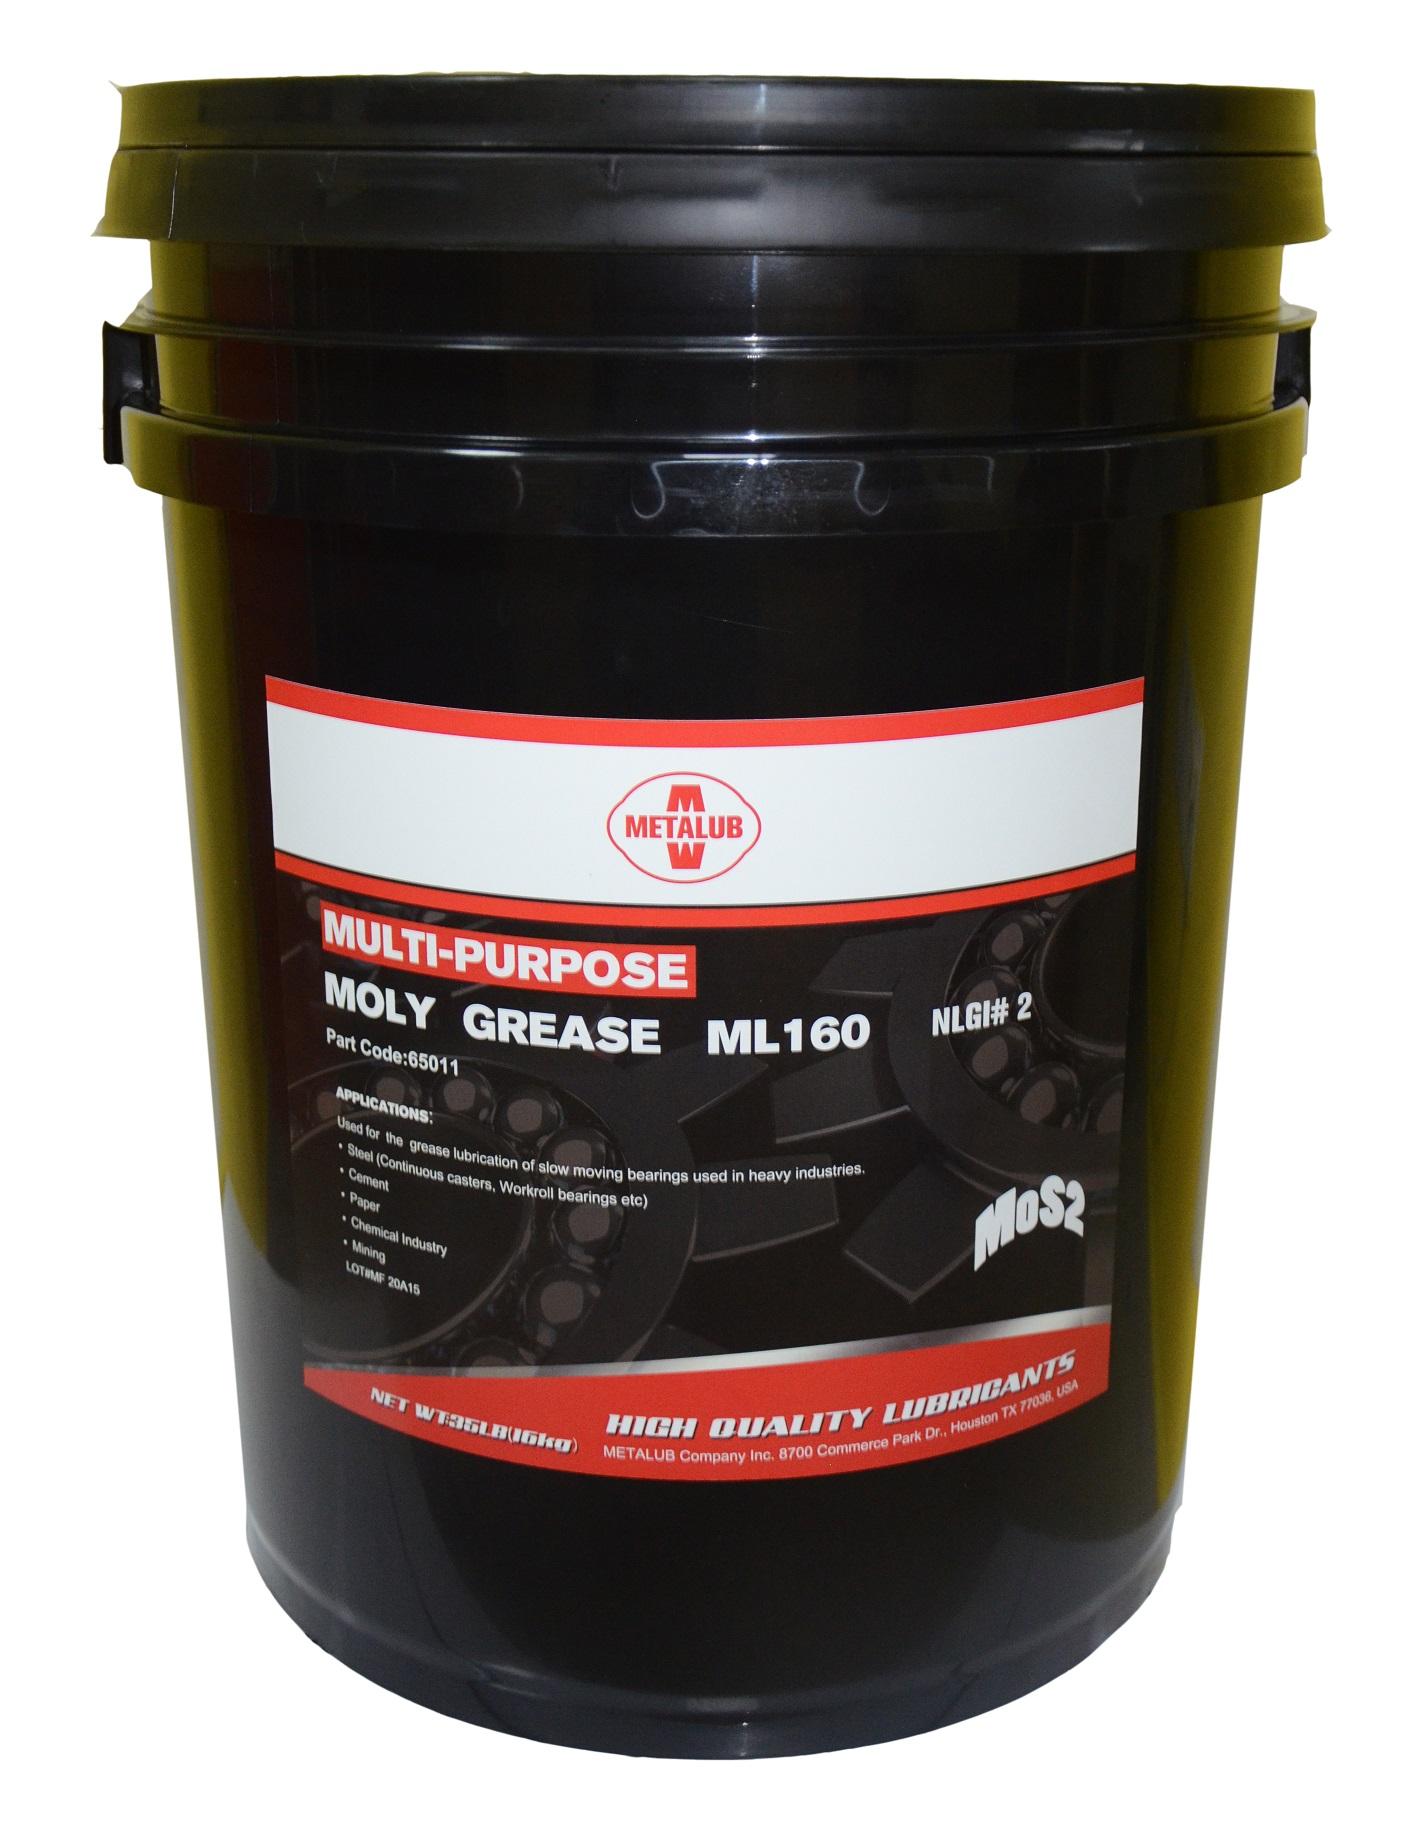 二硫化钼锂基脂MOS2 ML160 - 副本.jpg